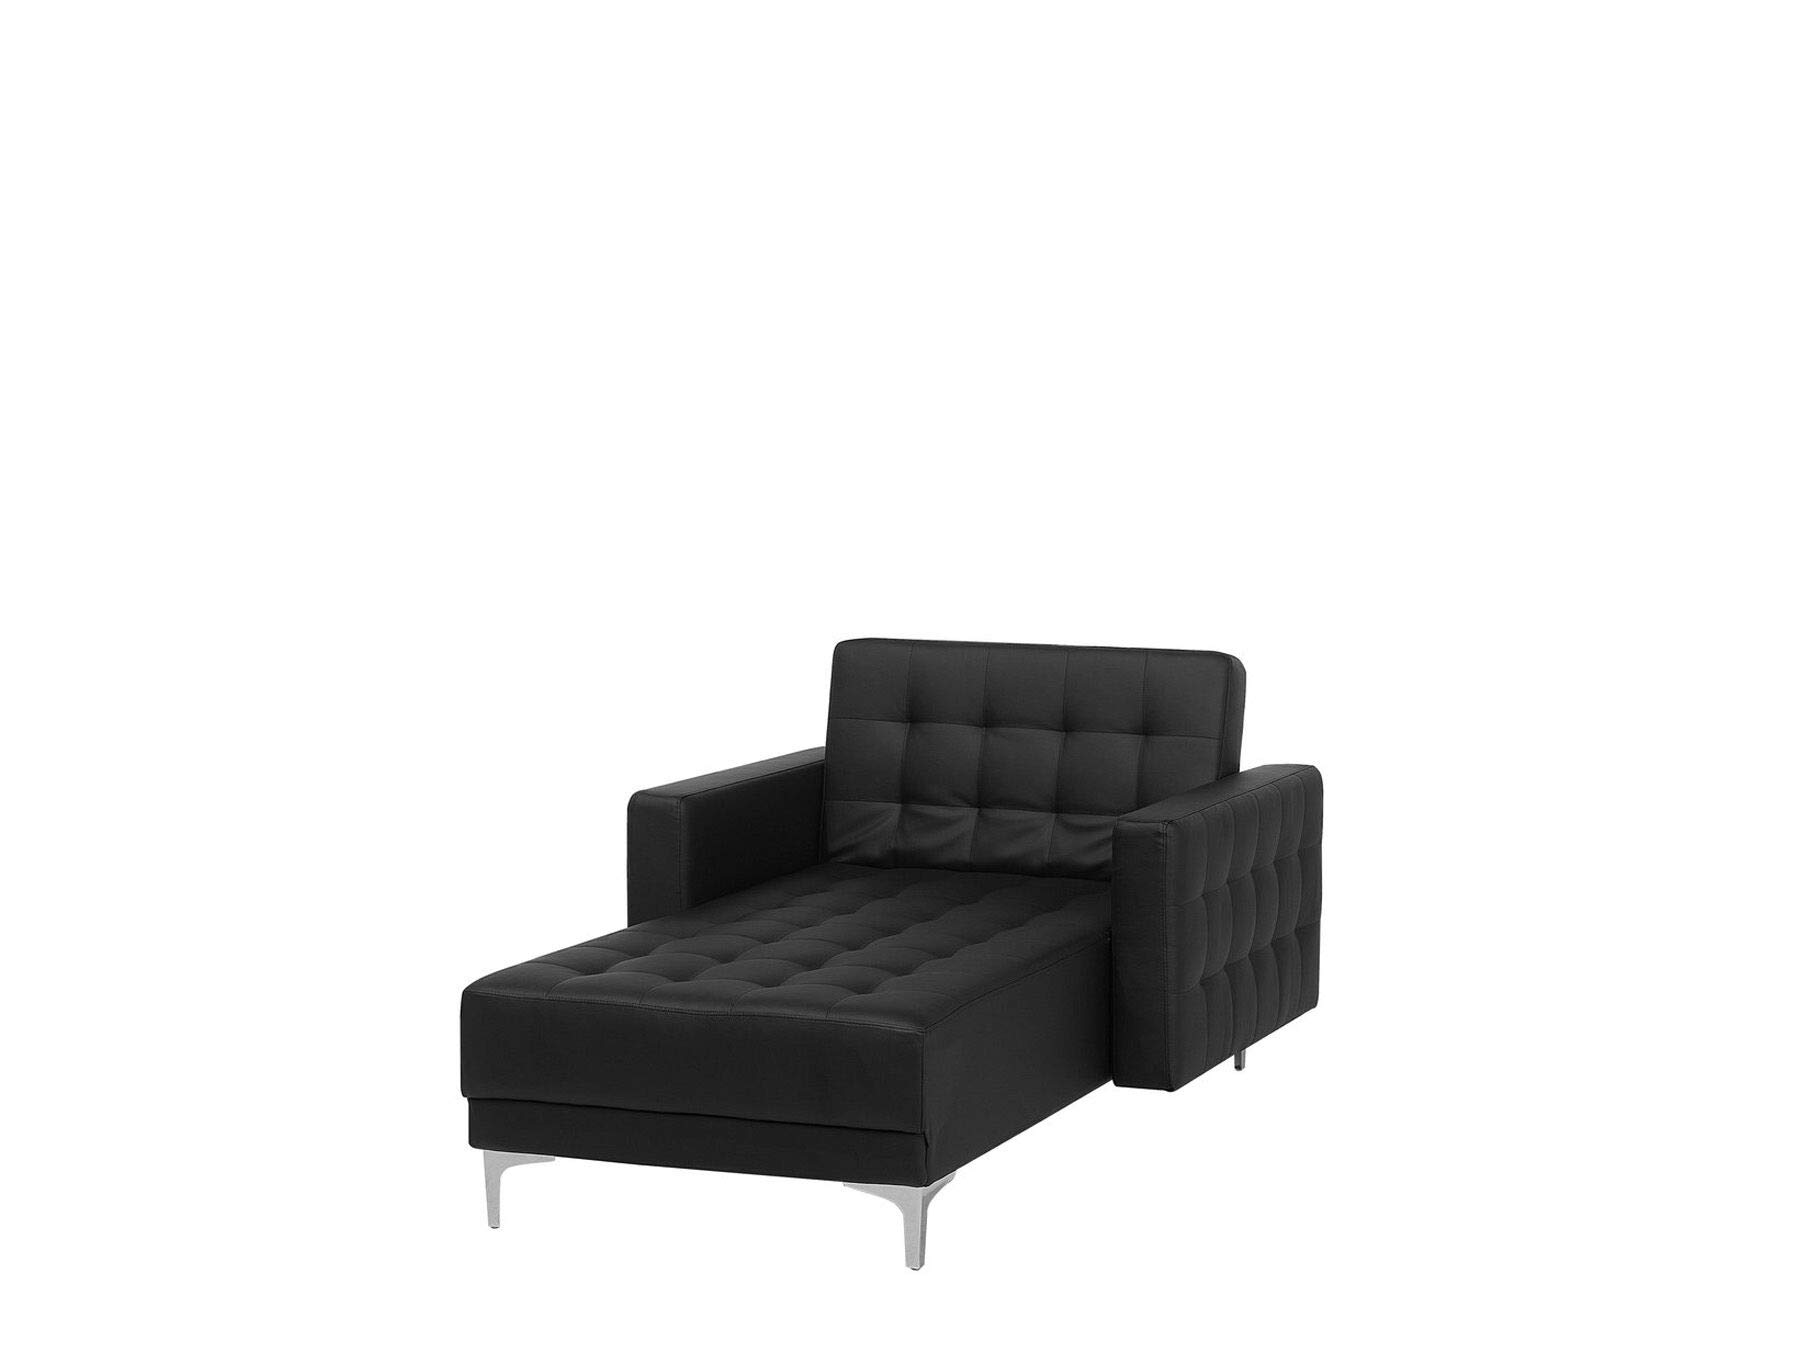 Beliani Moderne Chaiselongue Kunstleder schwarz Aberdeen